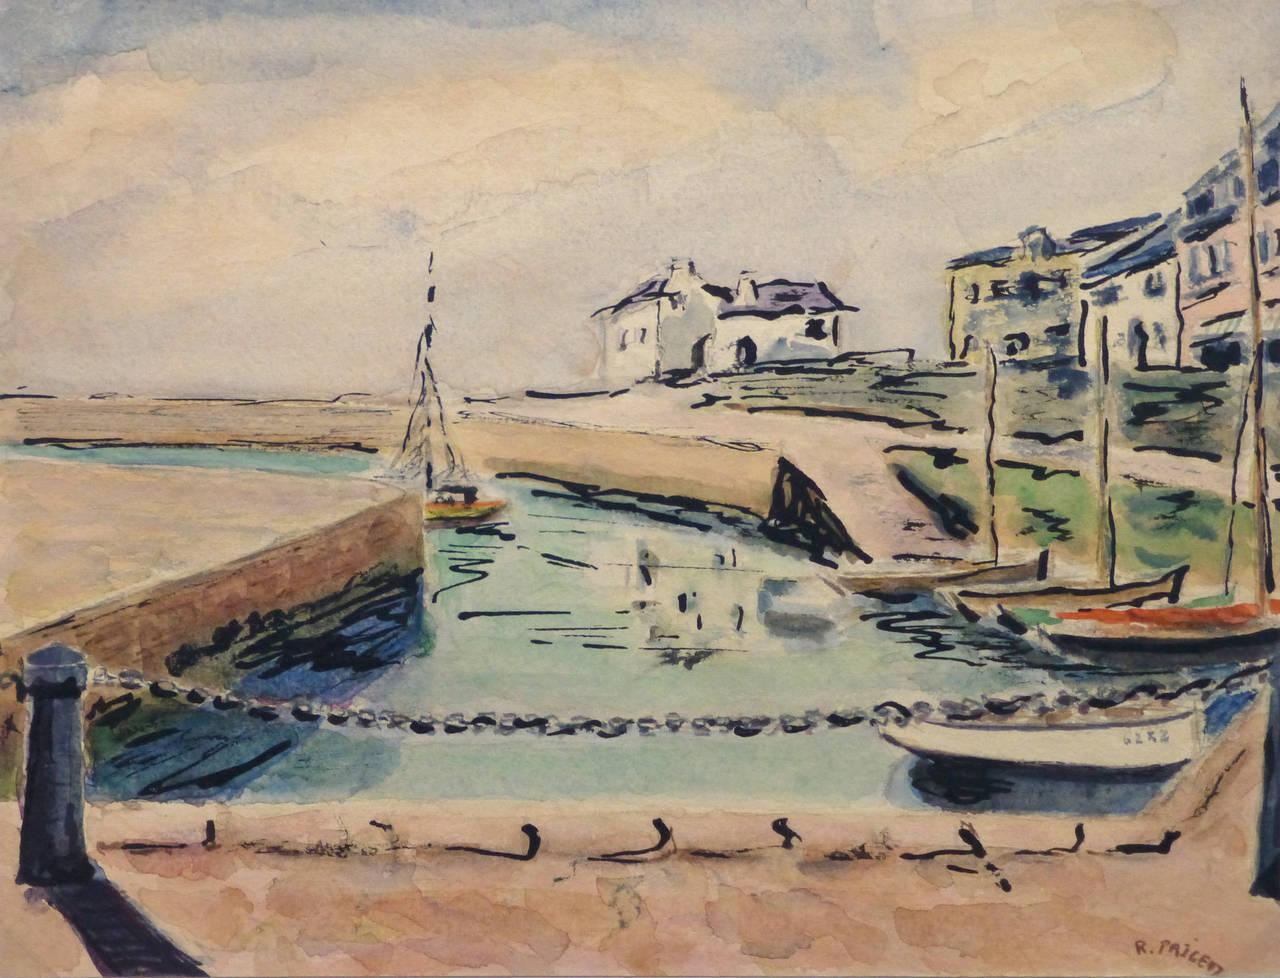 Vintage French Watercolor Landscape Painting - Port Haliguen